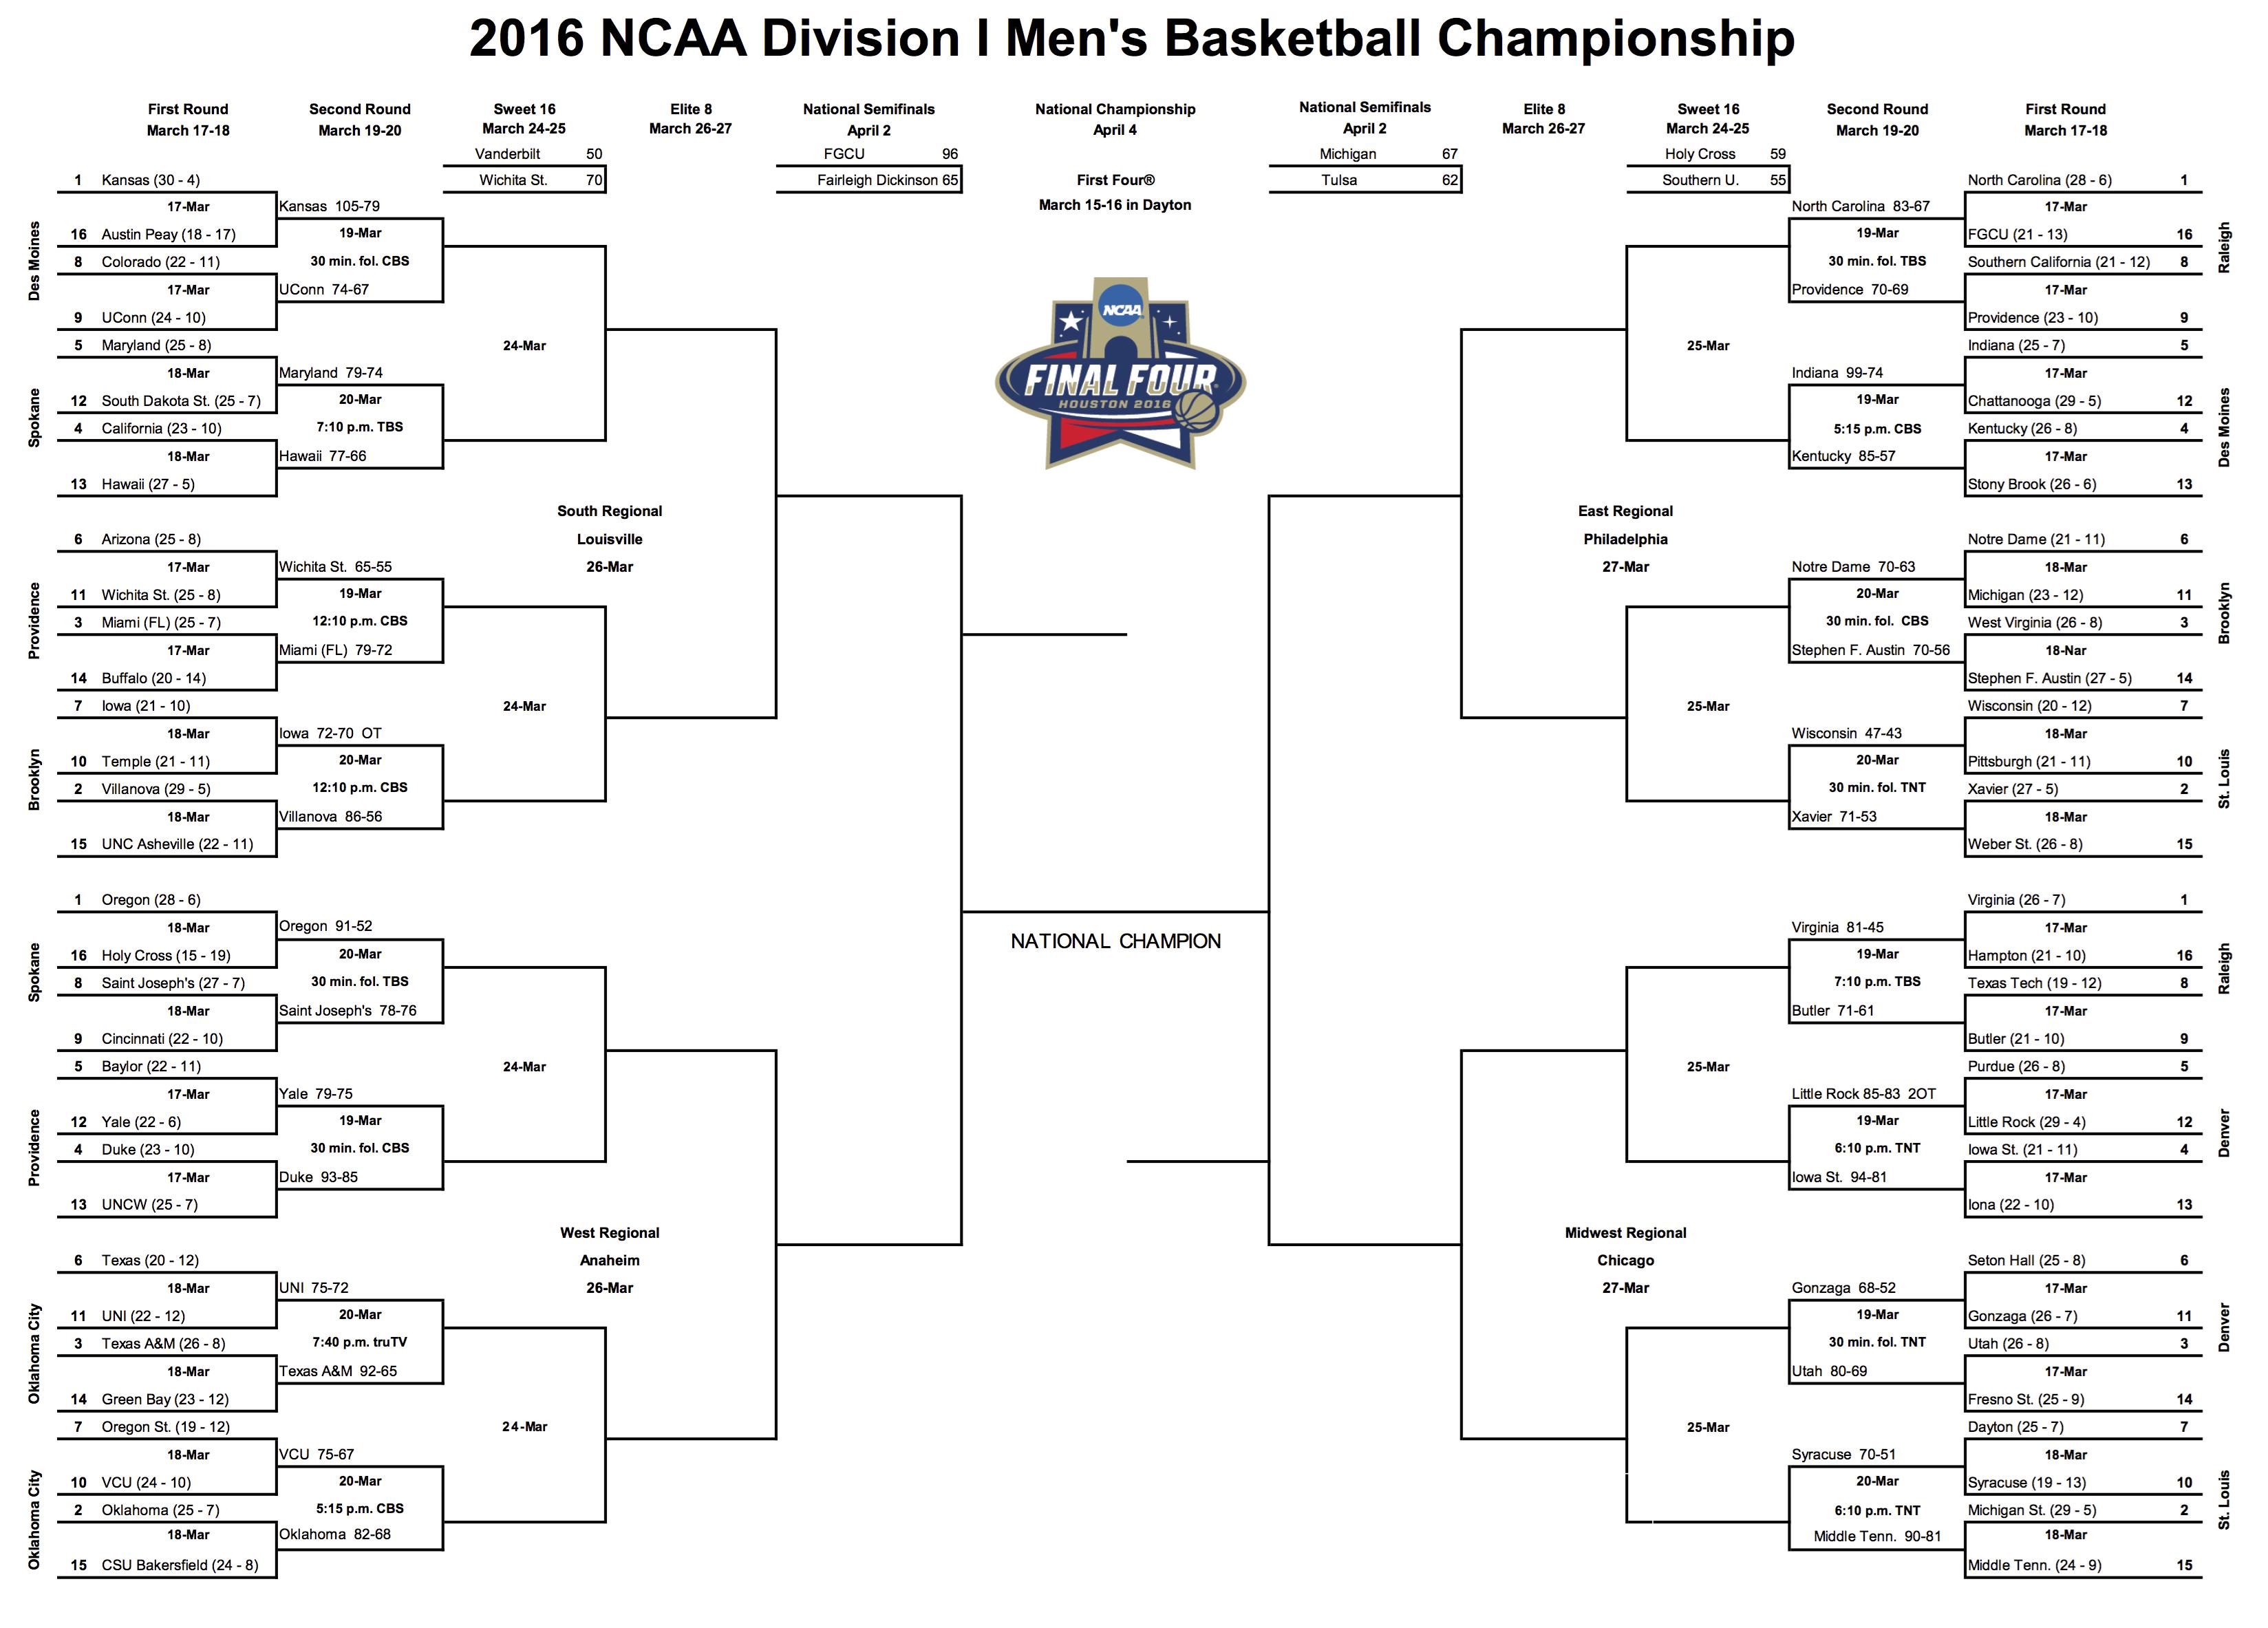 2016 NCAA Division I Men's Basketball Bracket - 3.18.16